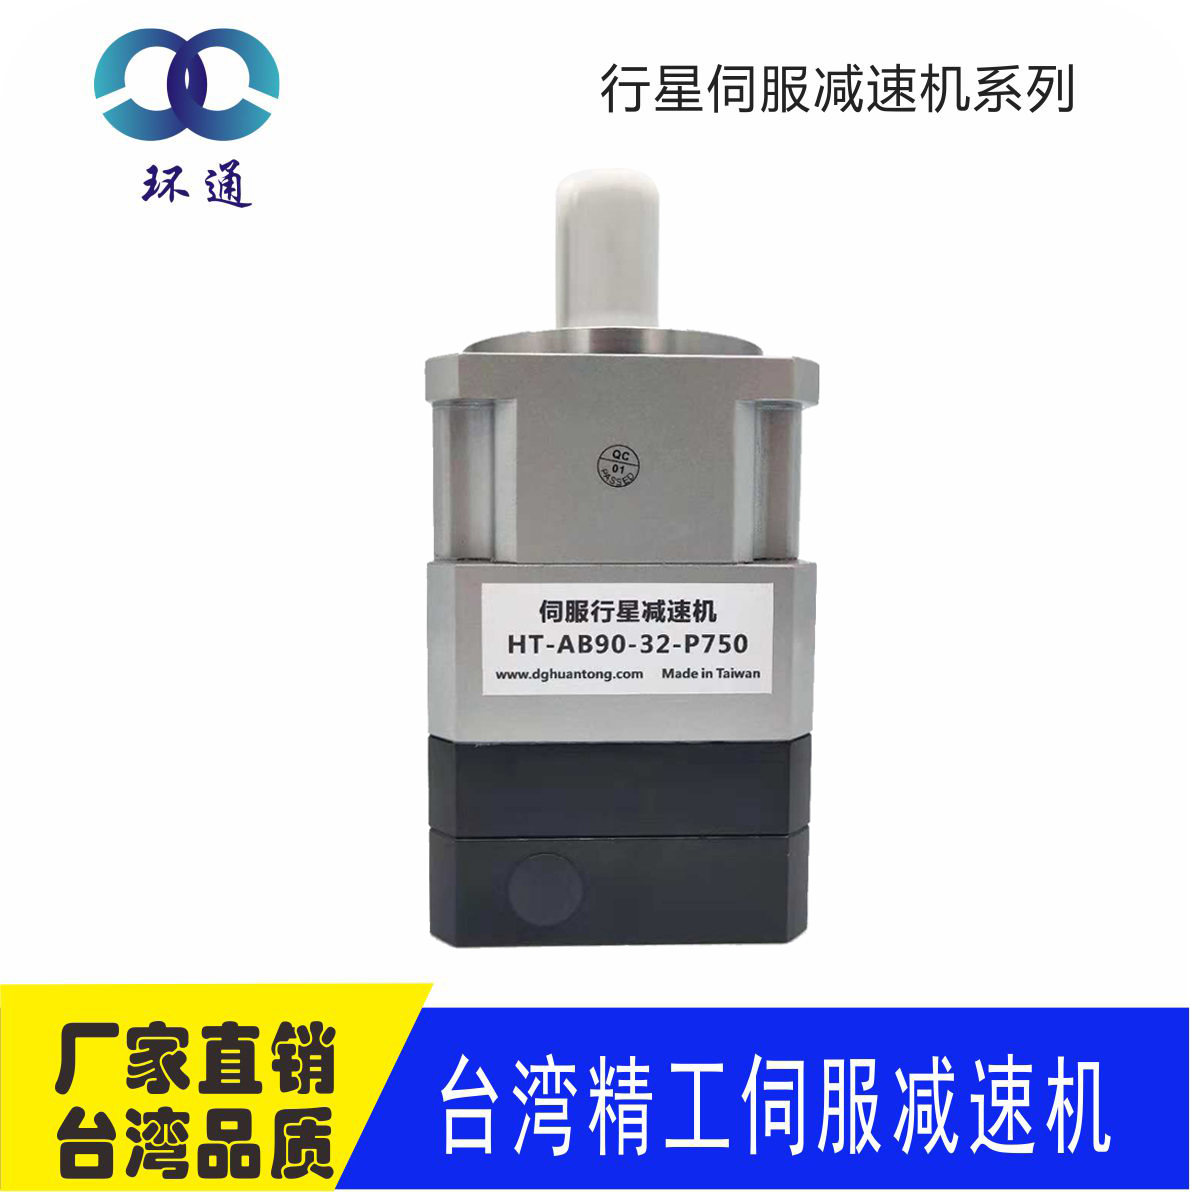 伺服行星减速机 可配 750W 伺服电机 机械手专用减速机现货供应